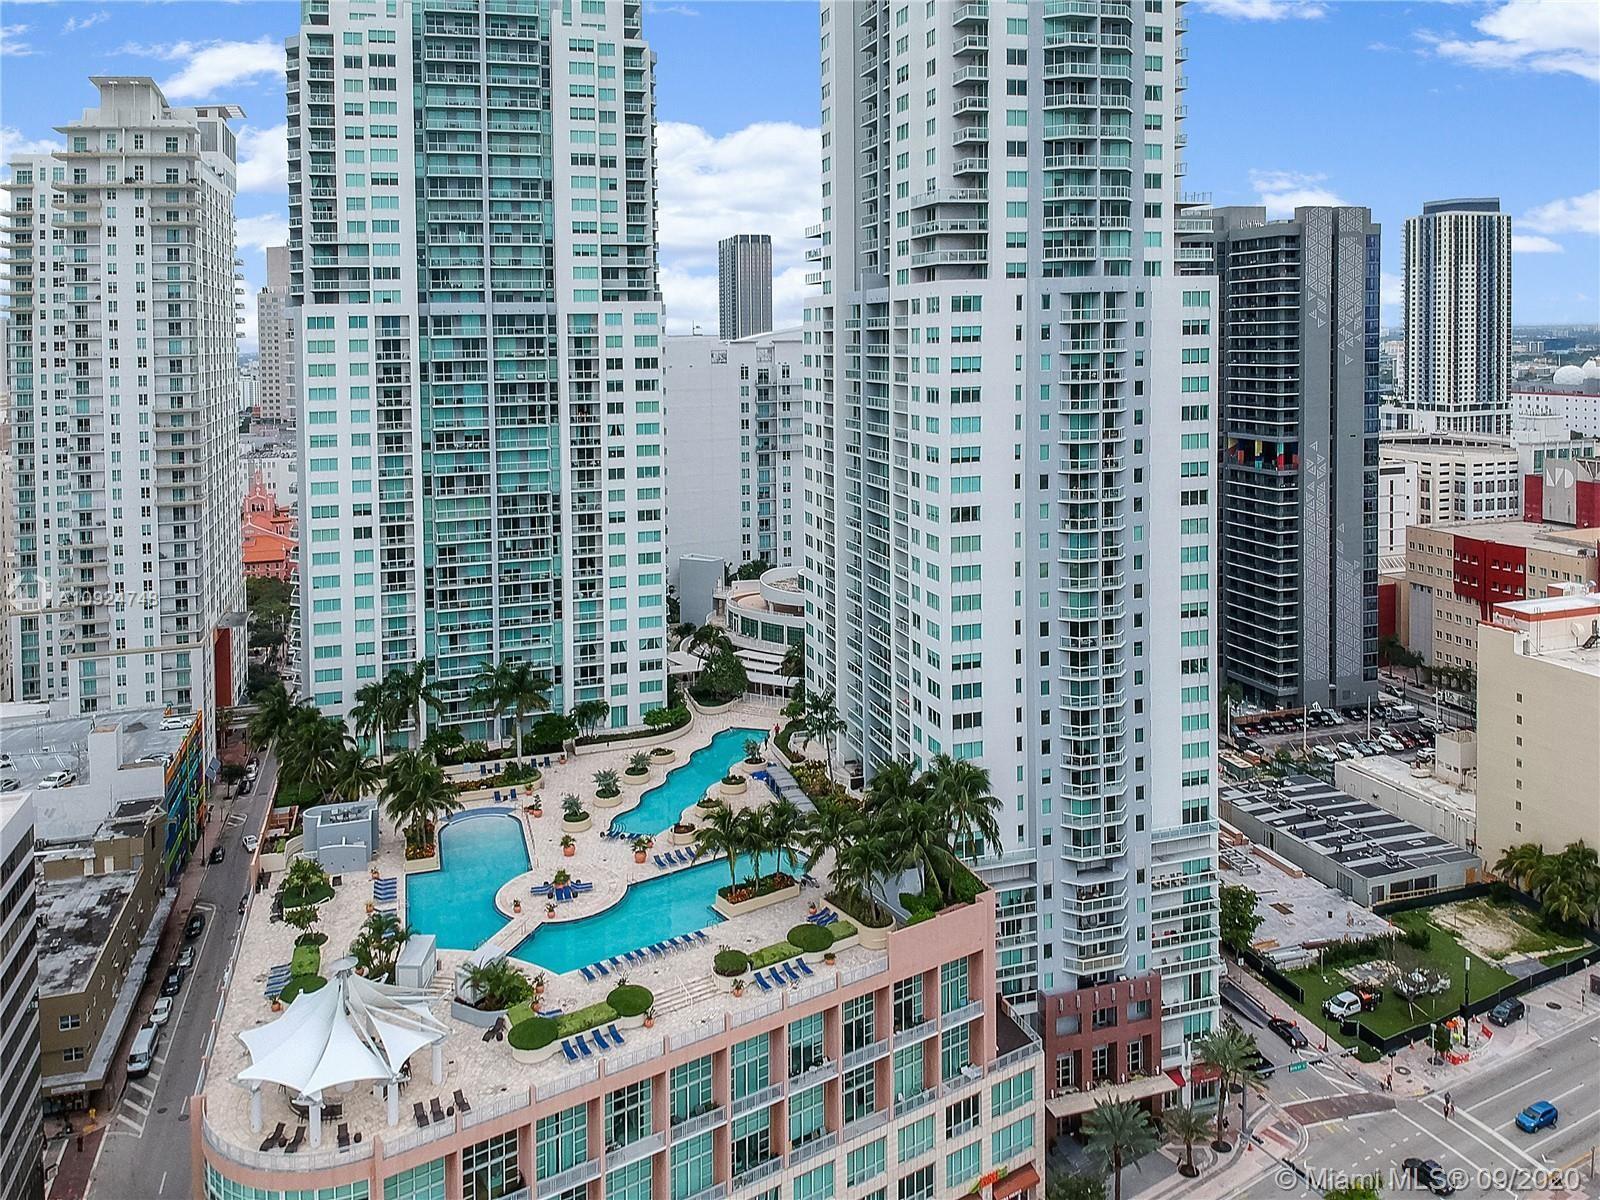 244 Biscayne Blvd #2403, Miami, FL 33132 - #: A10924748